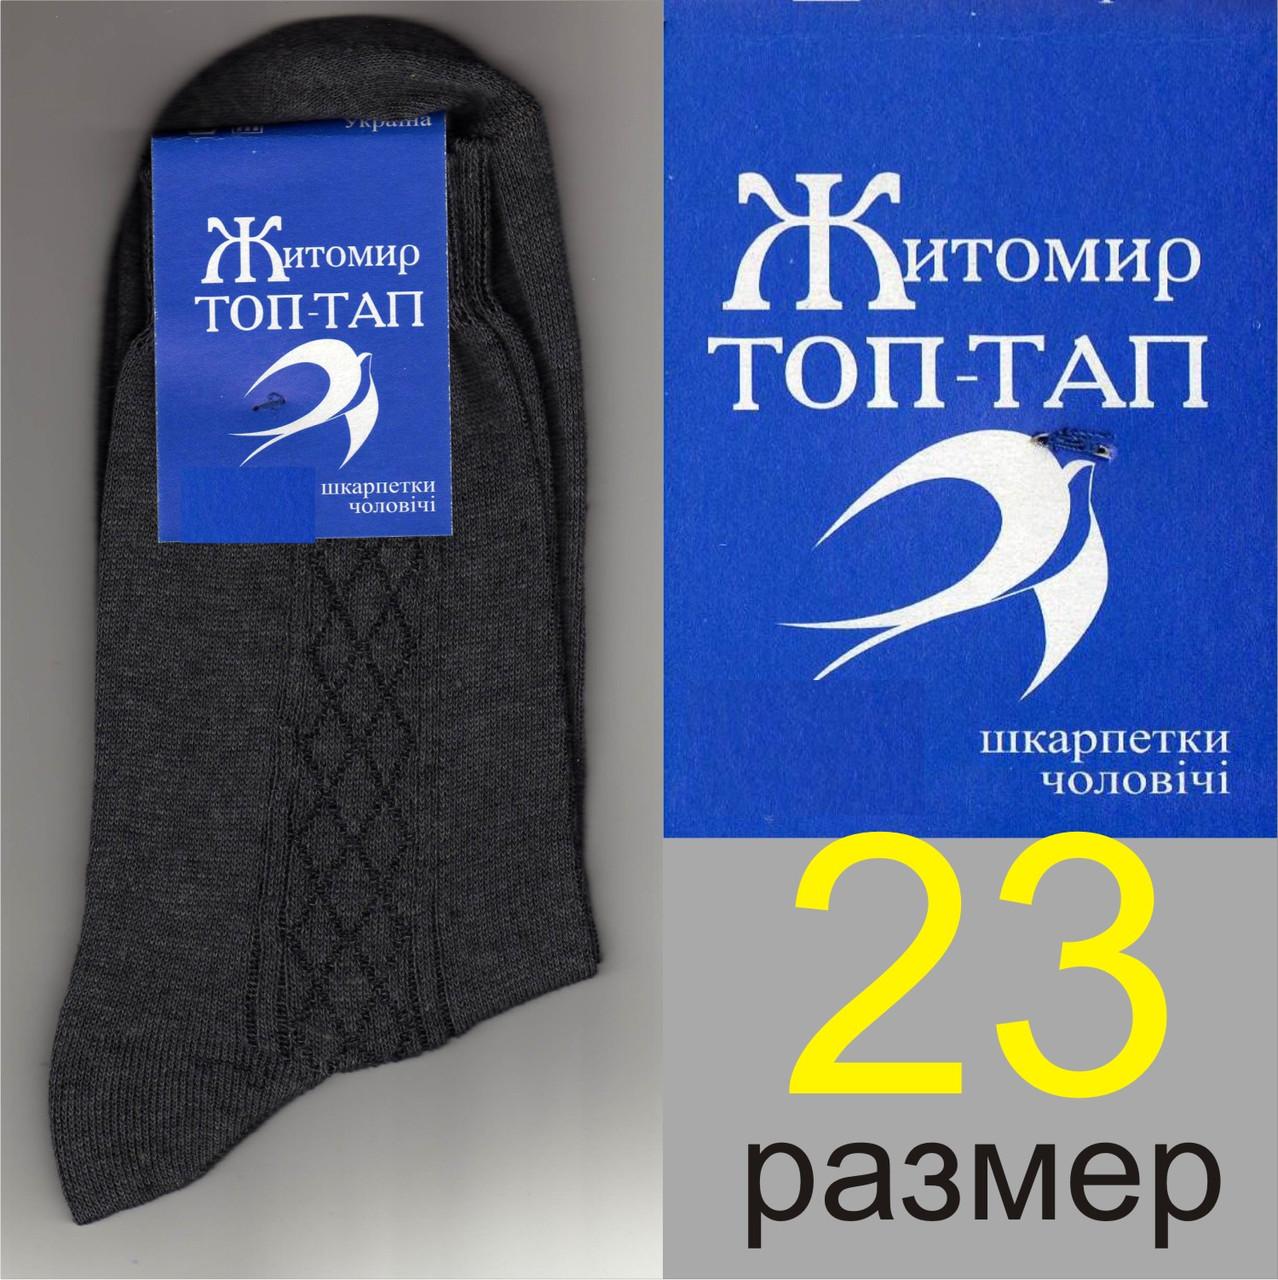 """Носки мужские демисезонные х/б, боковой узор """"Топ-Тап"""", г. Житомир 23 размер Темно-серый НМД-0554"""